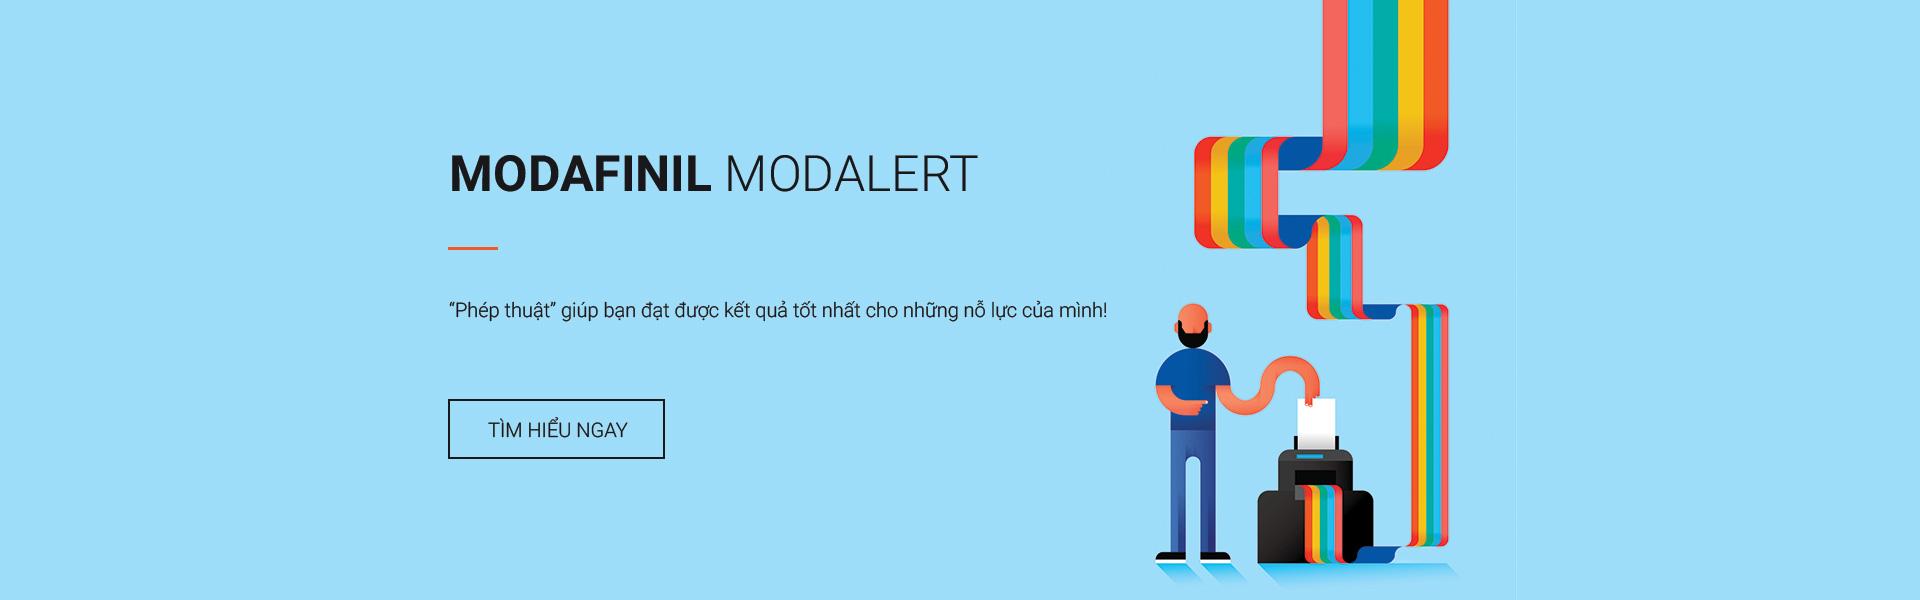 banner-modafinil-150119